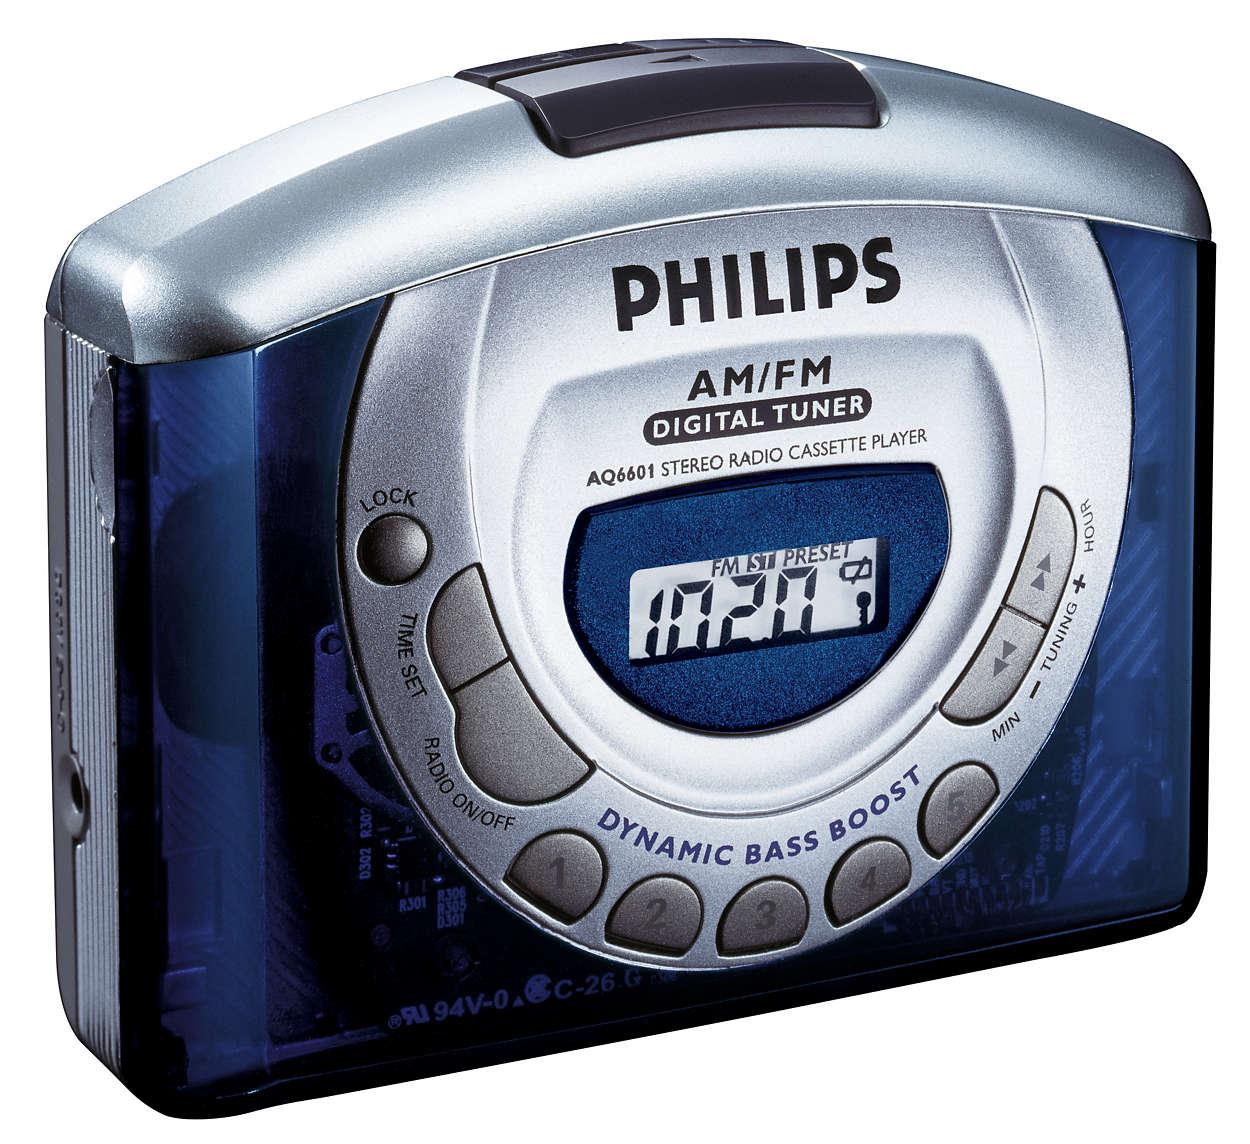 Ψηφιακό στερεοφωνικό ραδιόφωνο